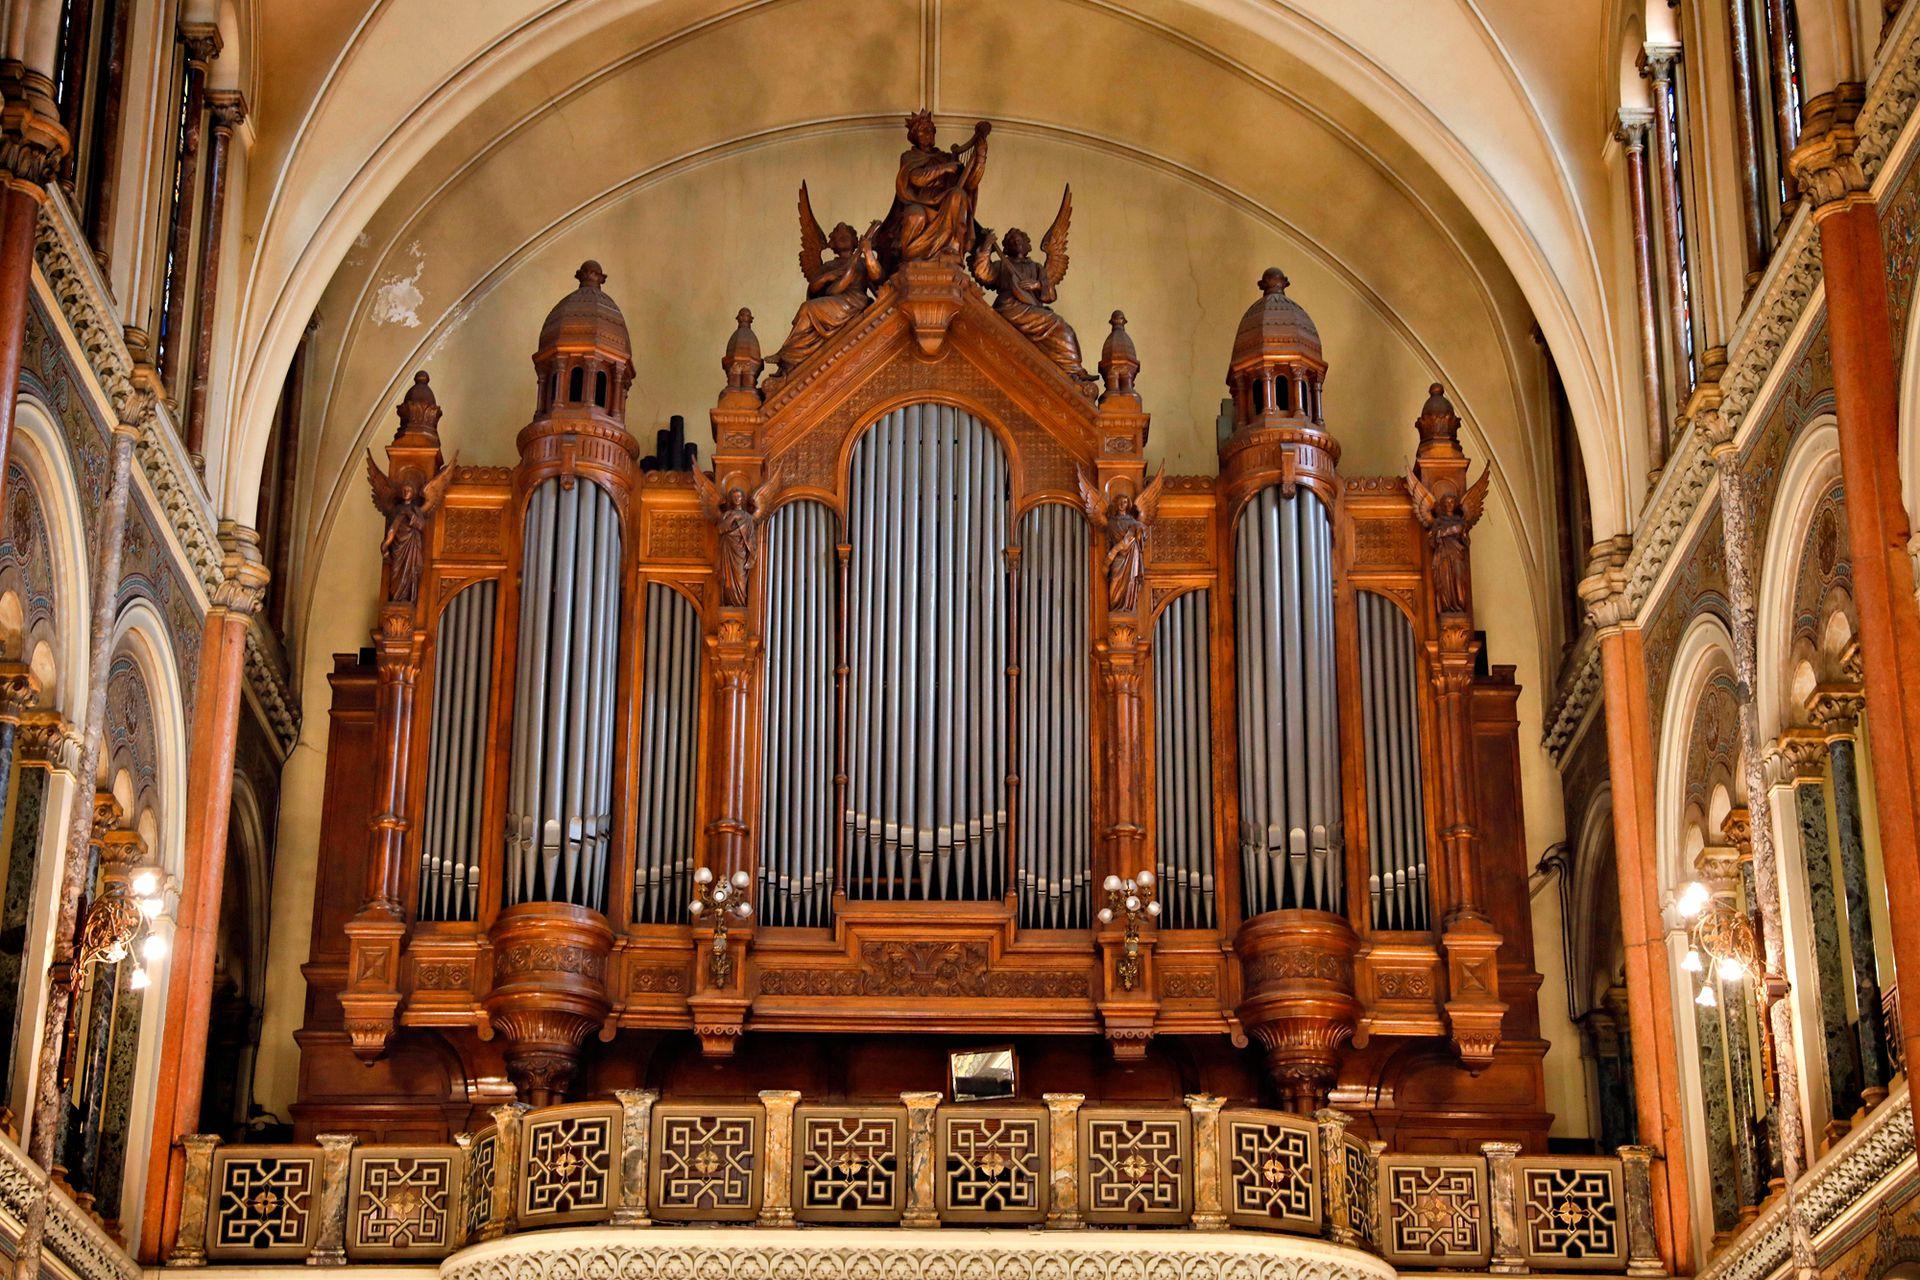 El órgano de la basílica es el más grande que existe y funciona en el país en la actualidad